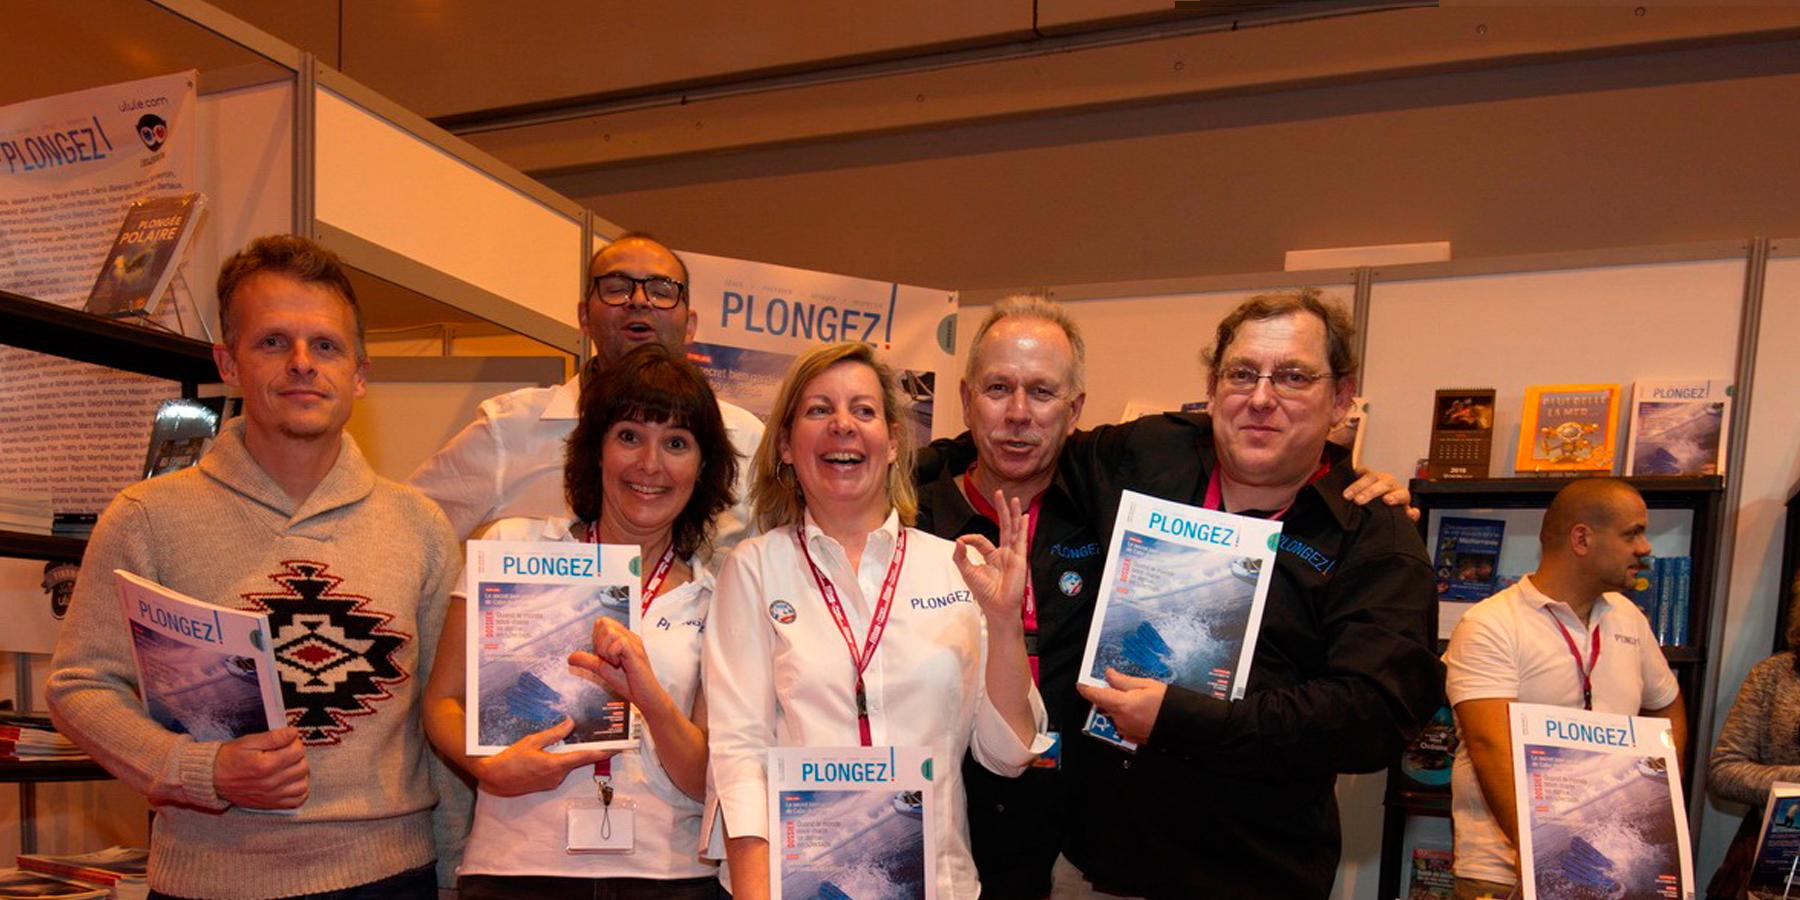 salonplongee1 - Plongez ! au 19è salon de la Plongée, du 6 au 9 janvier 2017 à Paris